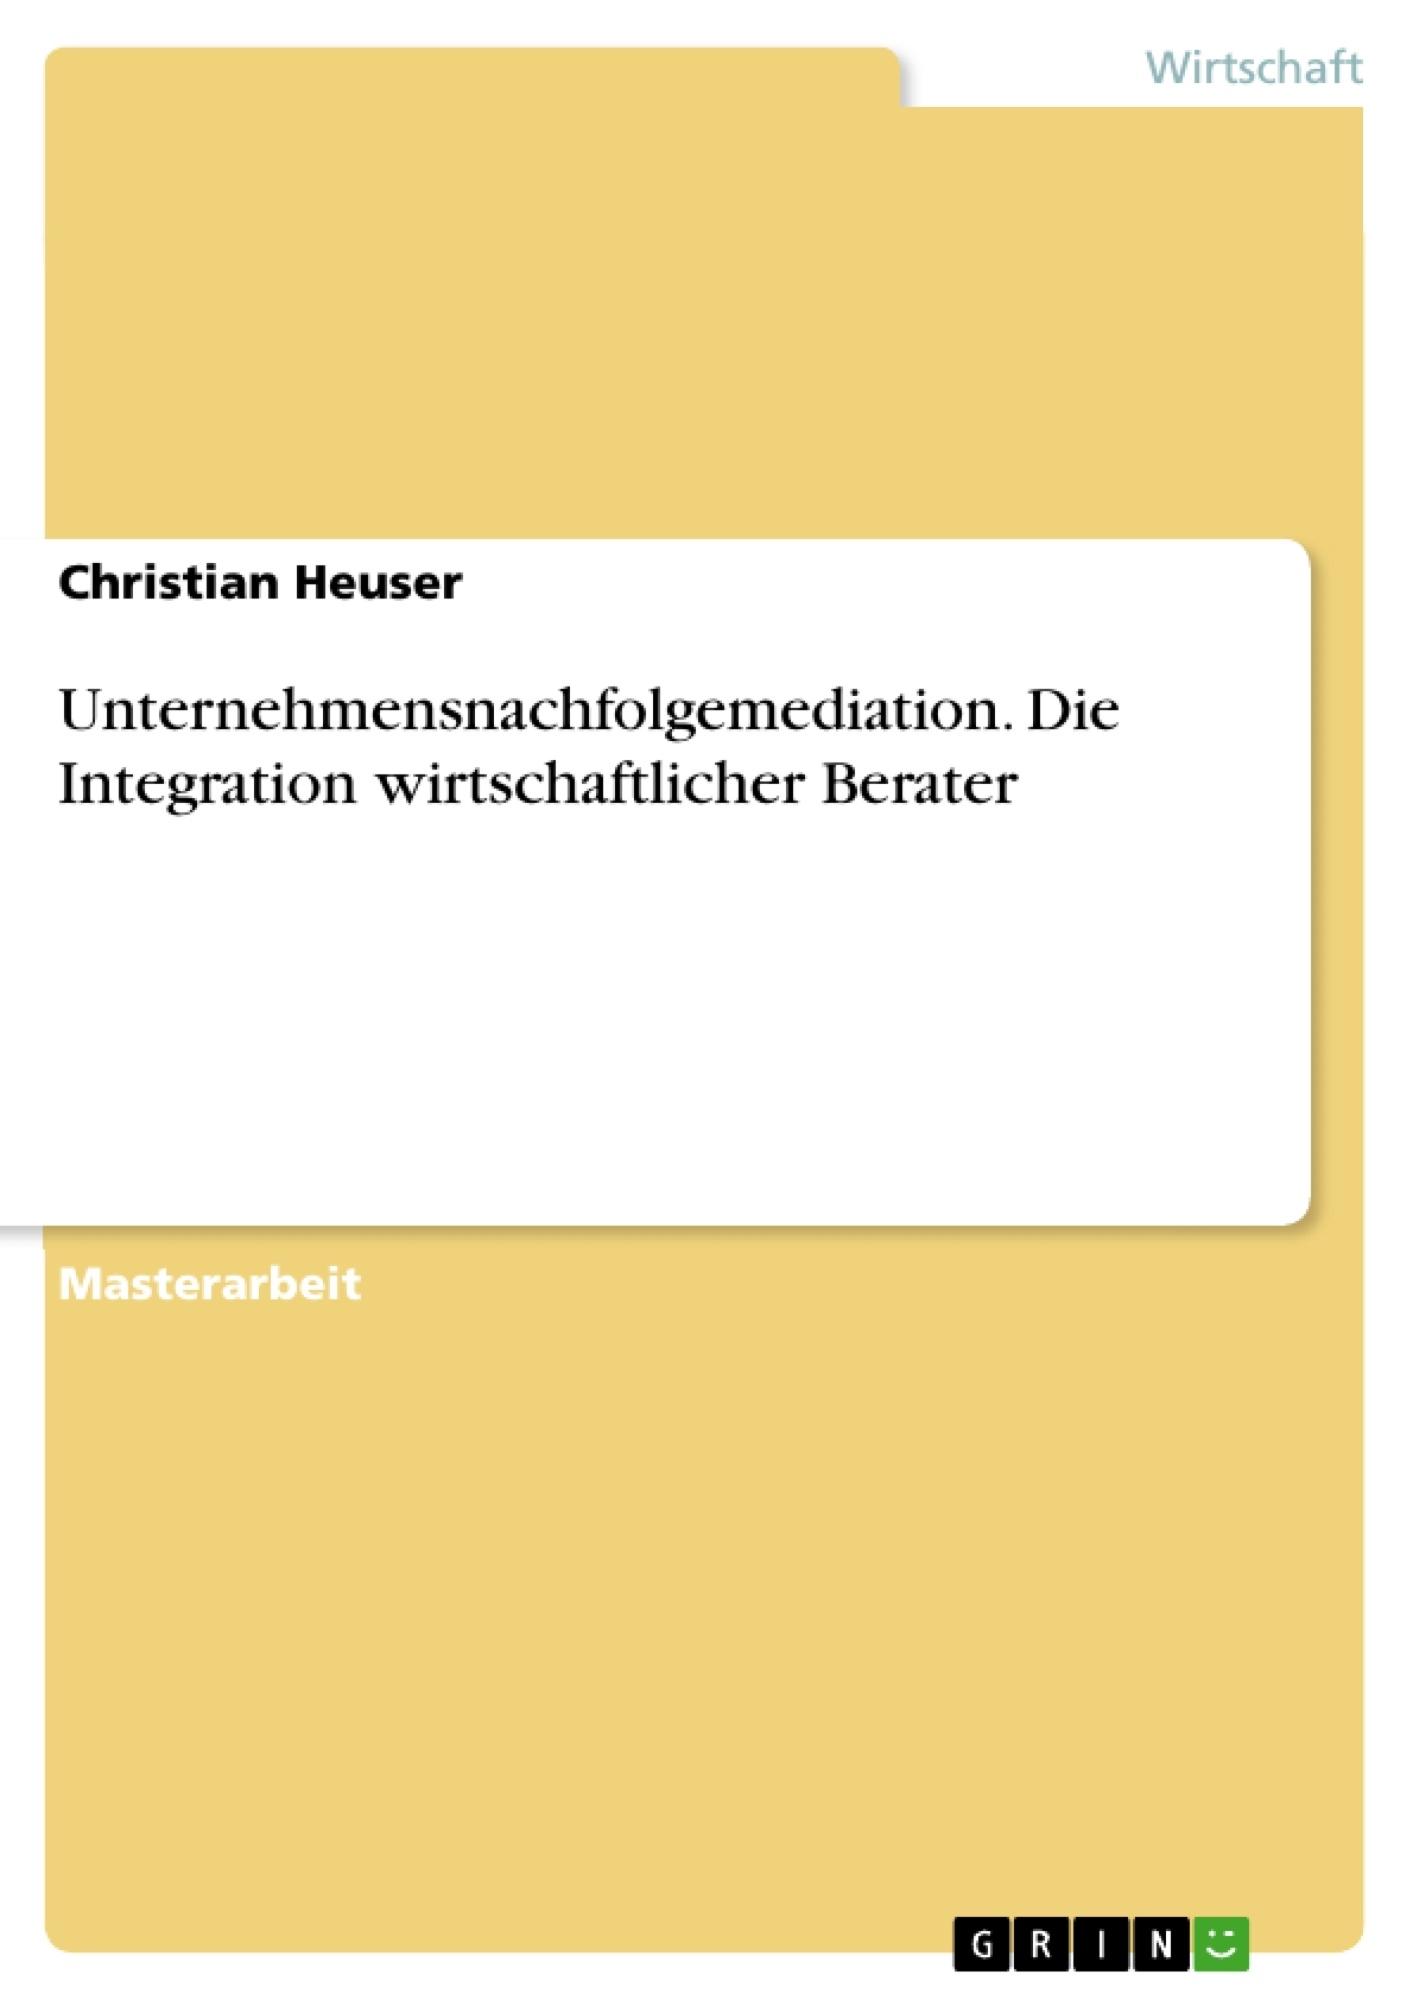 Titel: Unternehmensnachfolgemediation. Die Integration wirtschaftlicher Berater